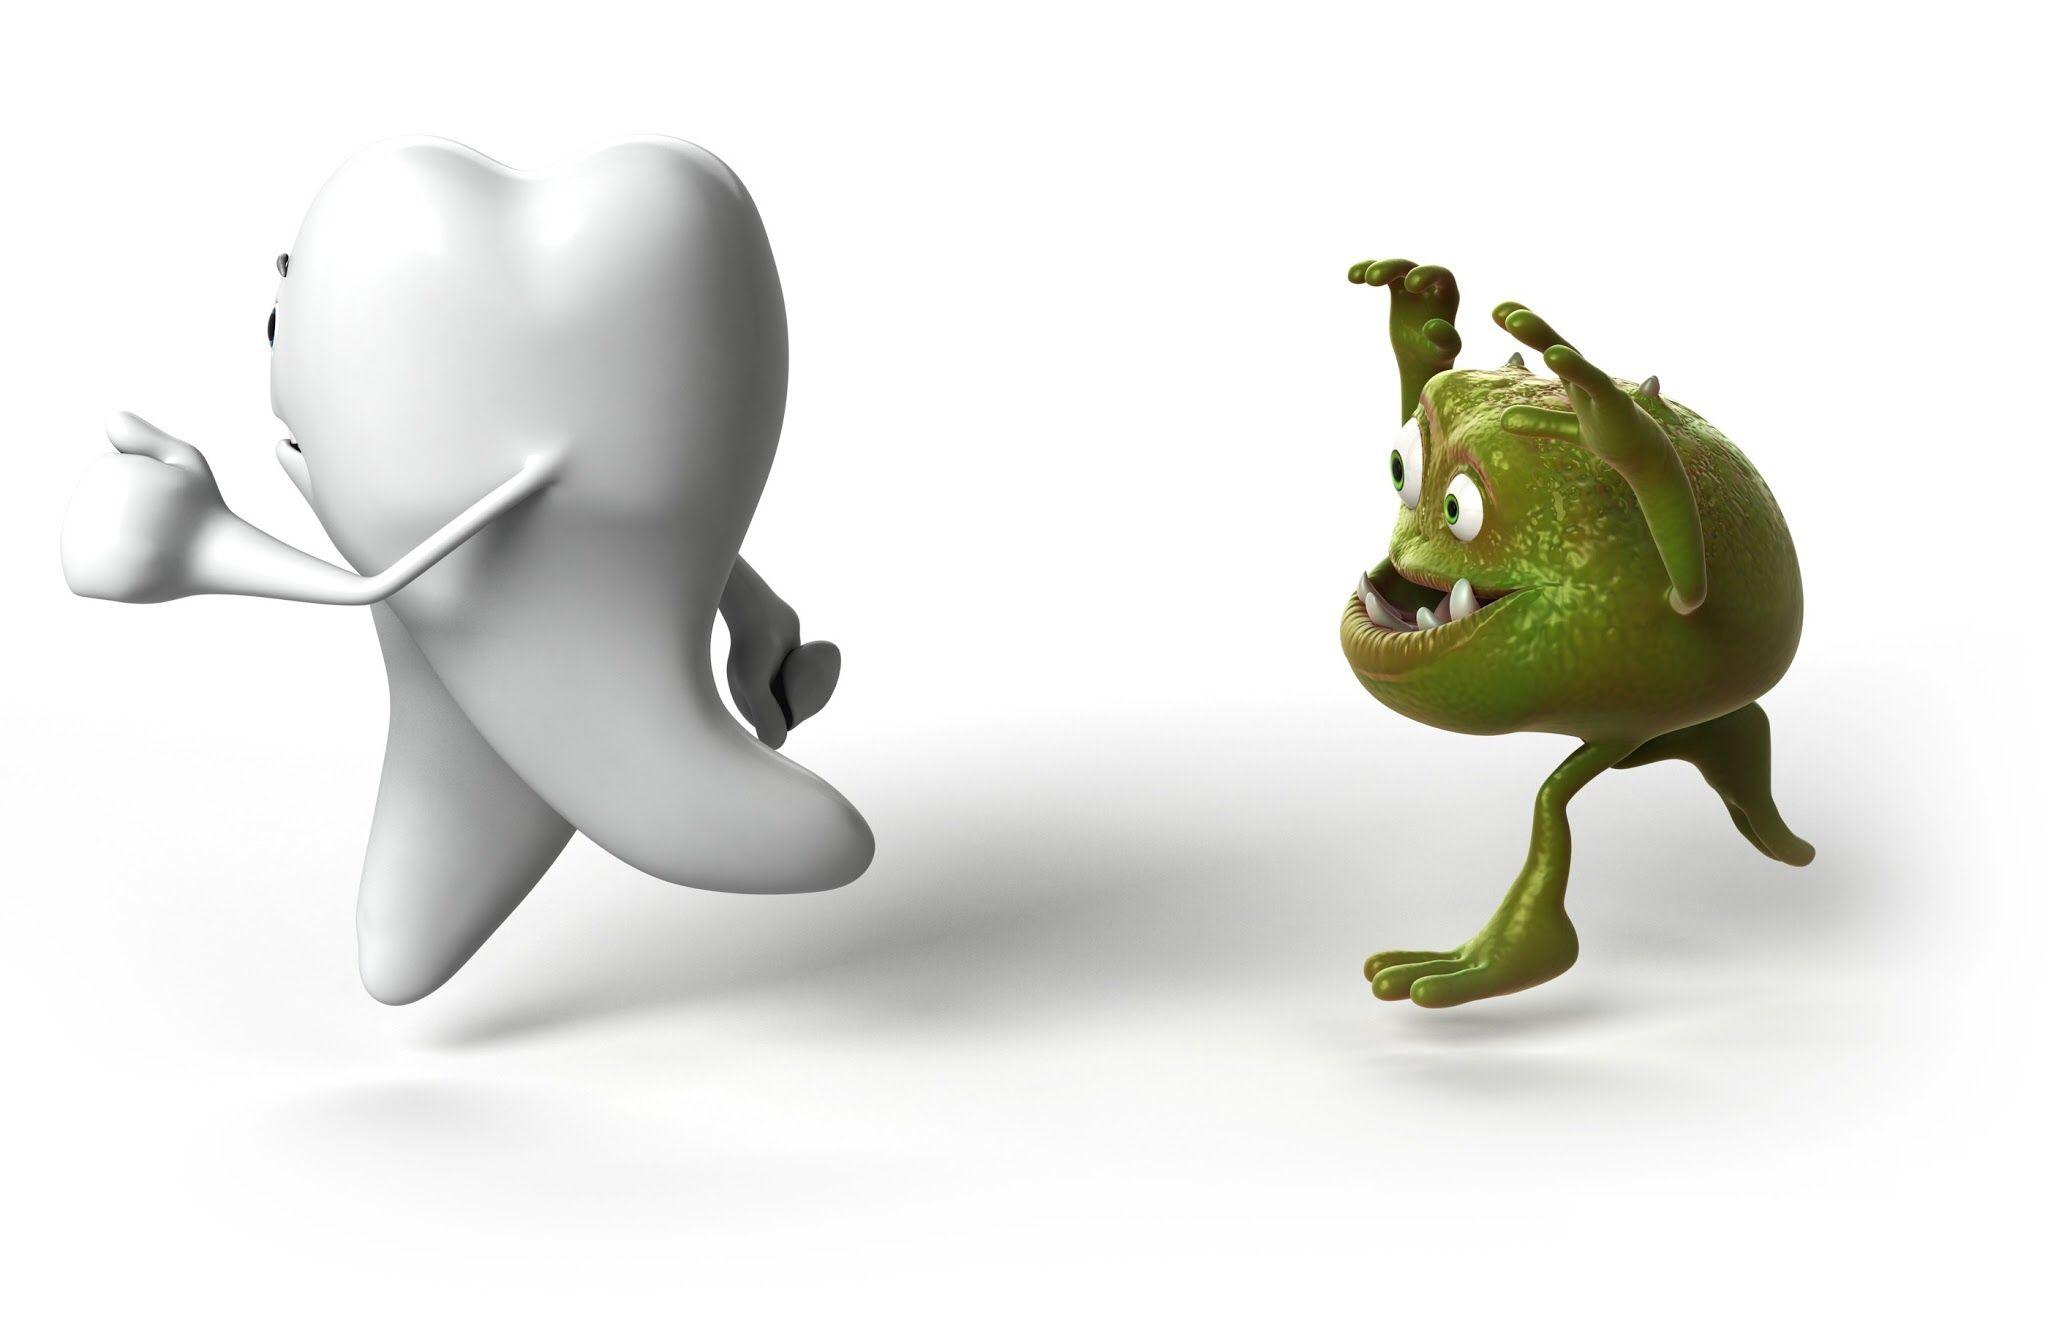 микробы и зубы картинки фото время, была настоящим